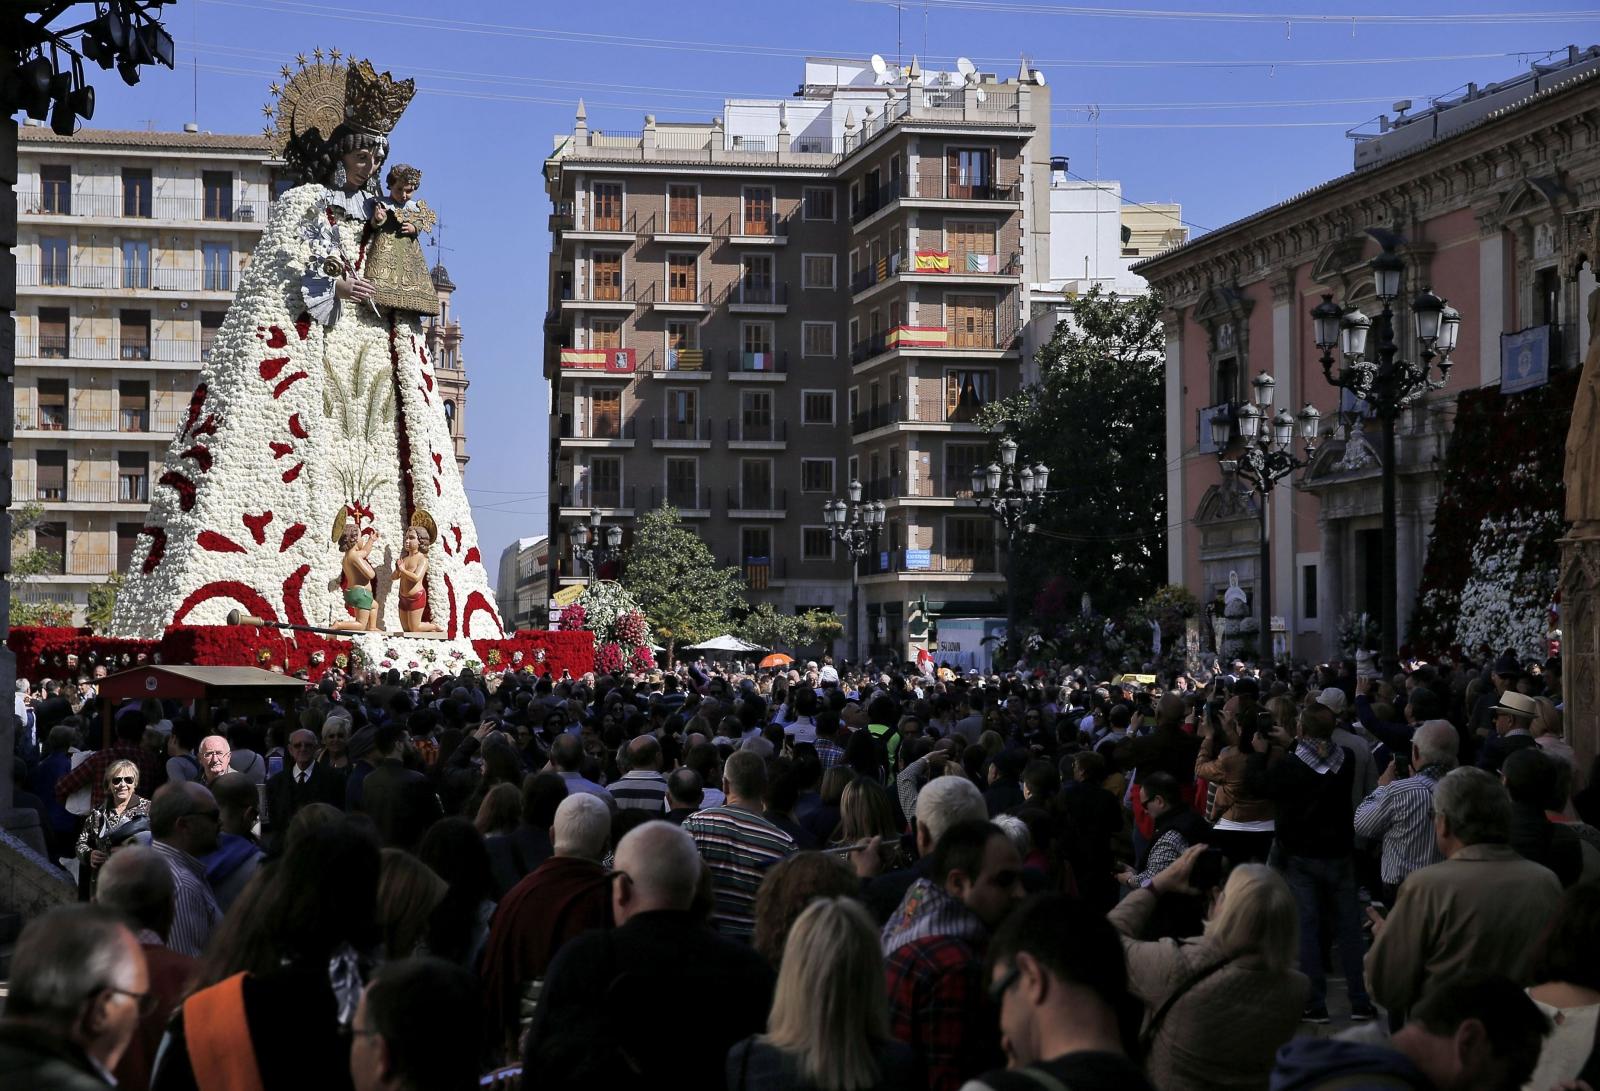 Tłum gromadzi się wokół Dziewicy Bezradnych, Walencja, Hiszpania.